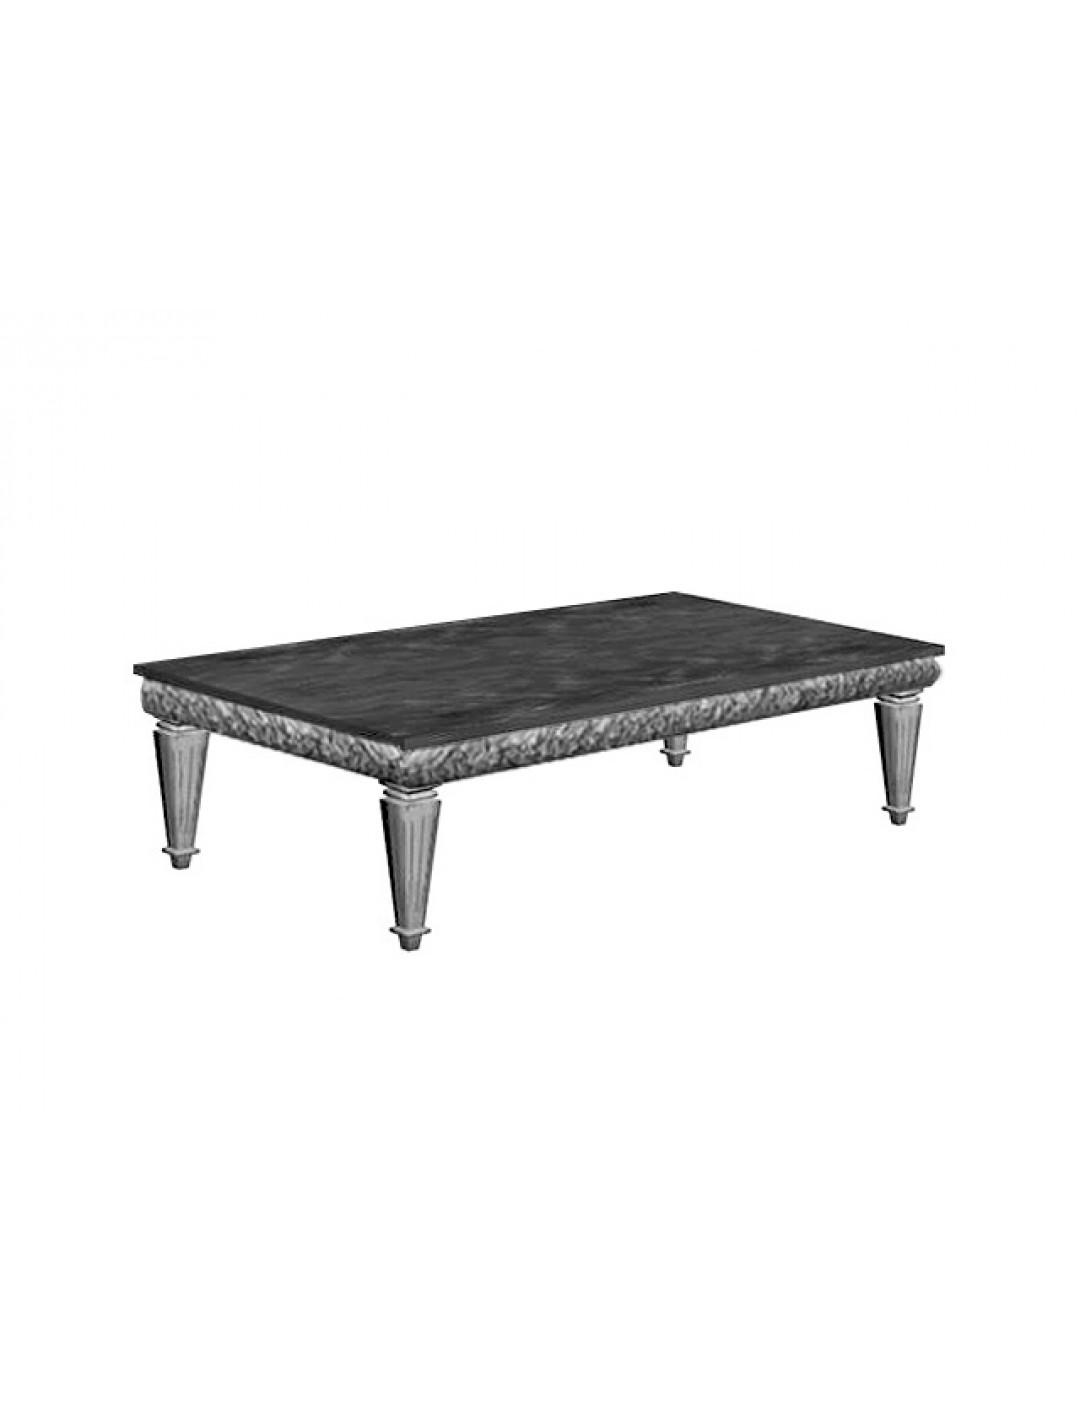 RANDA COFFEE TABLE,SQUARED 110X110 CM